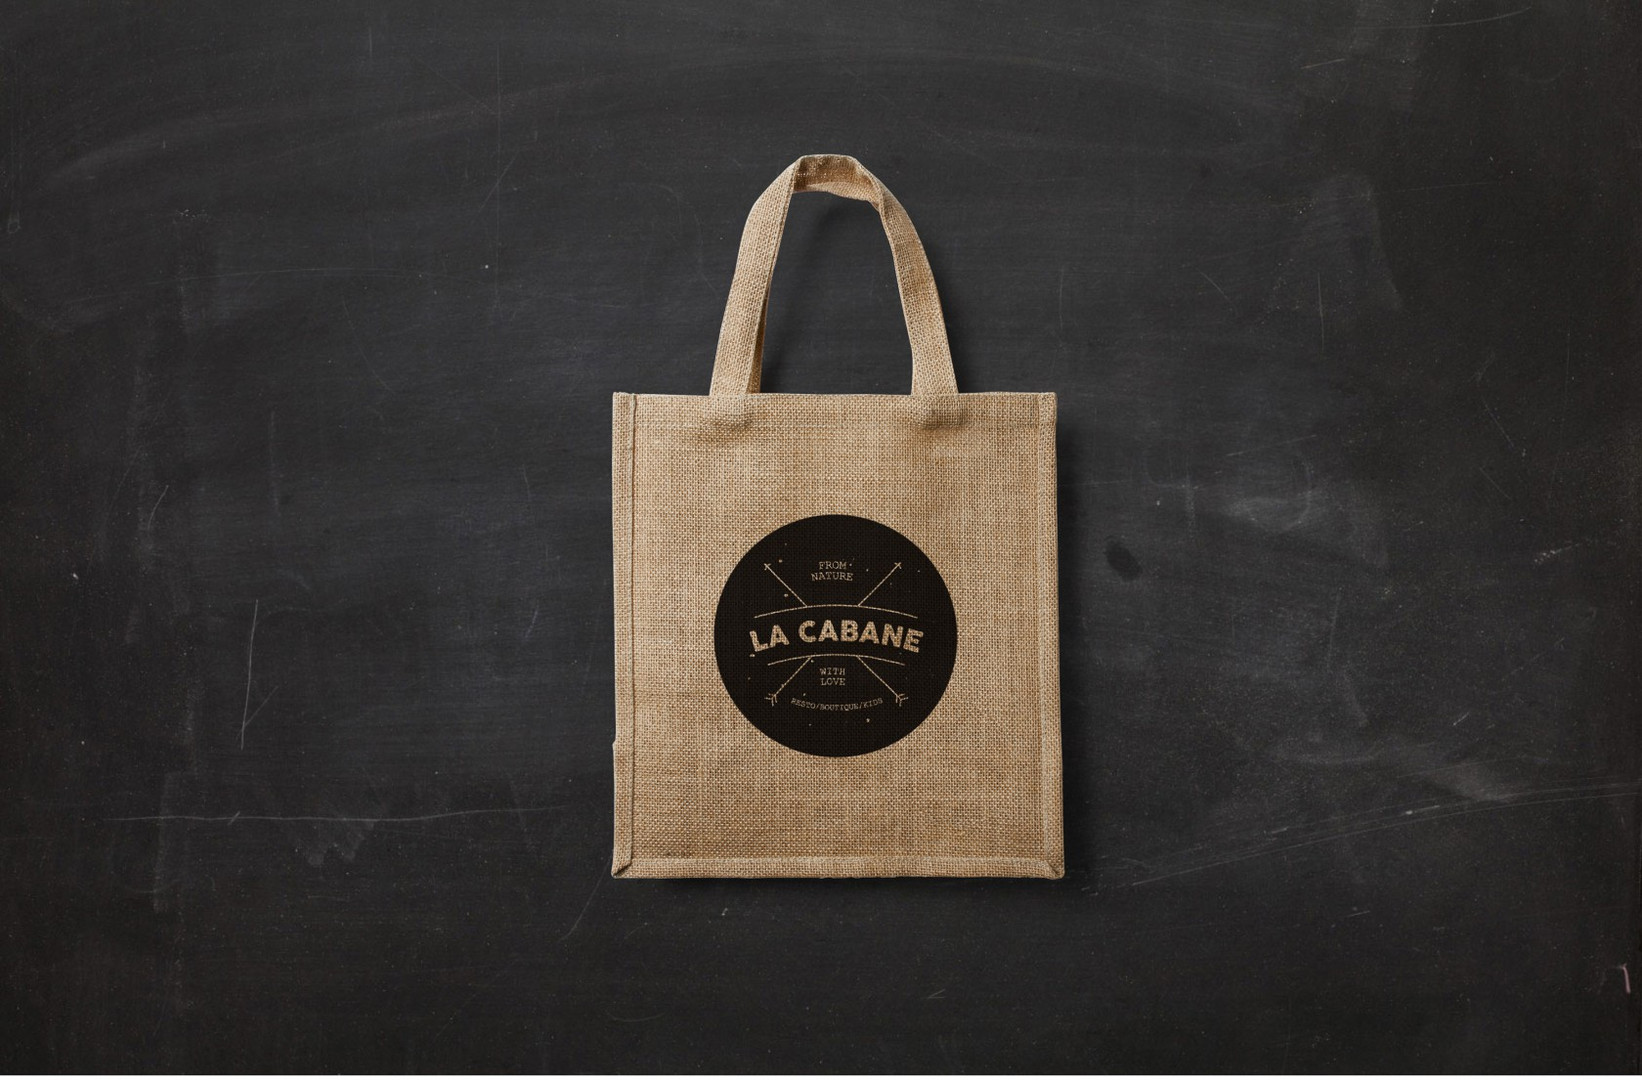 bag-cabane-1680x1105.jpg